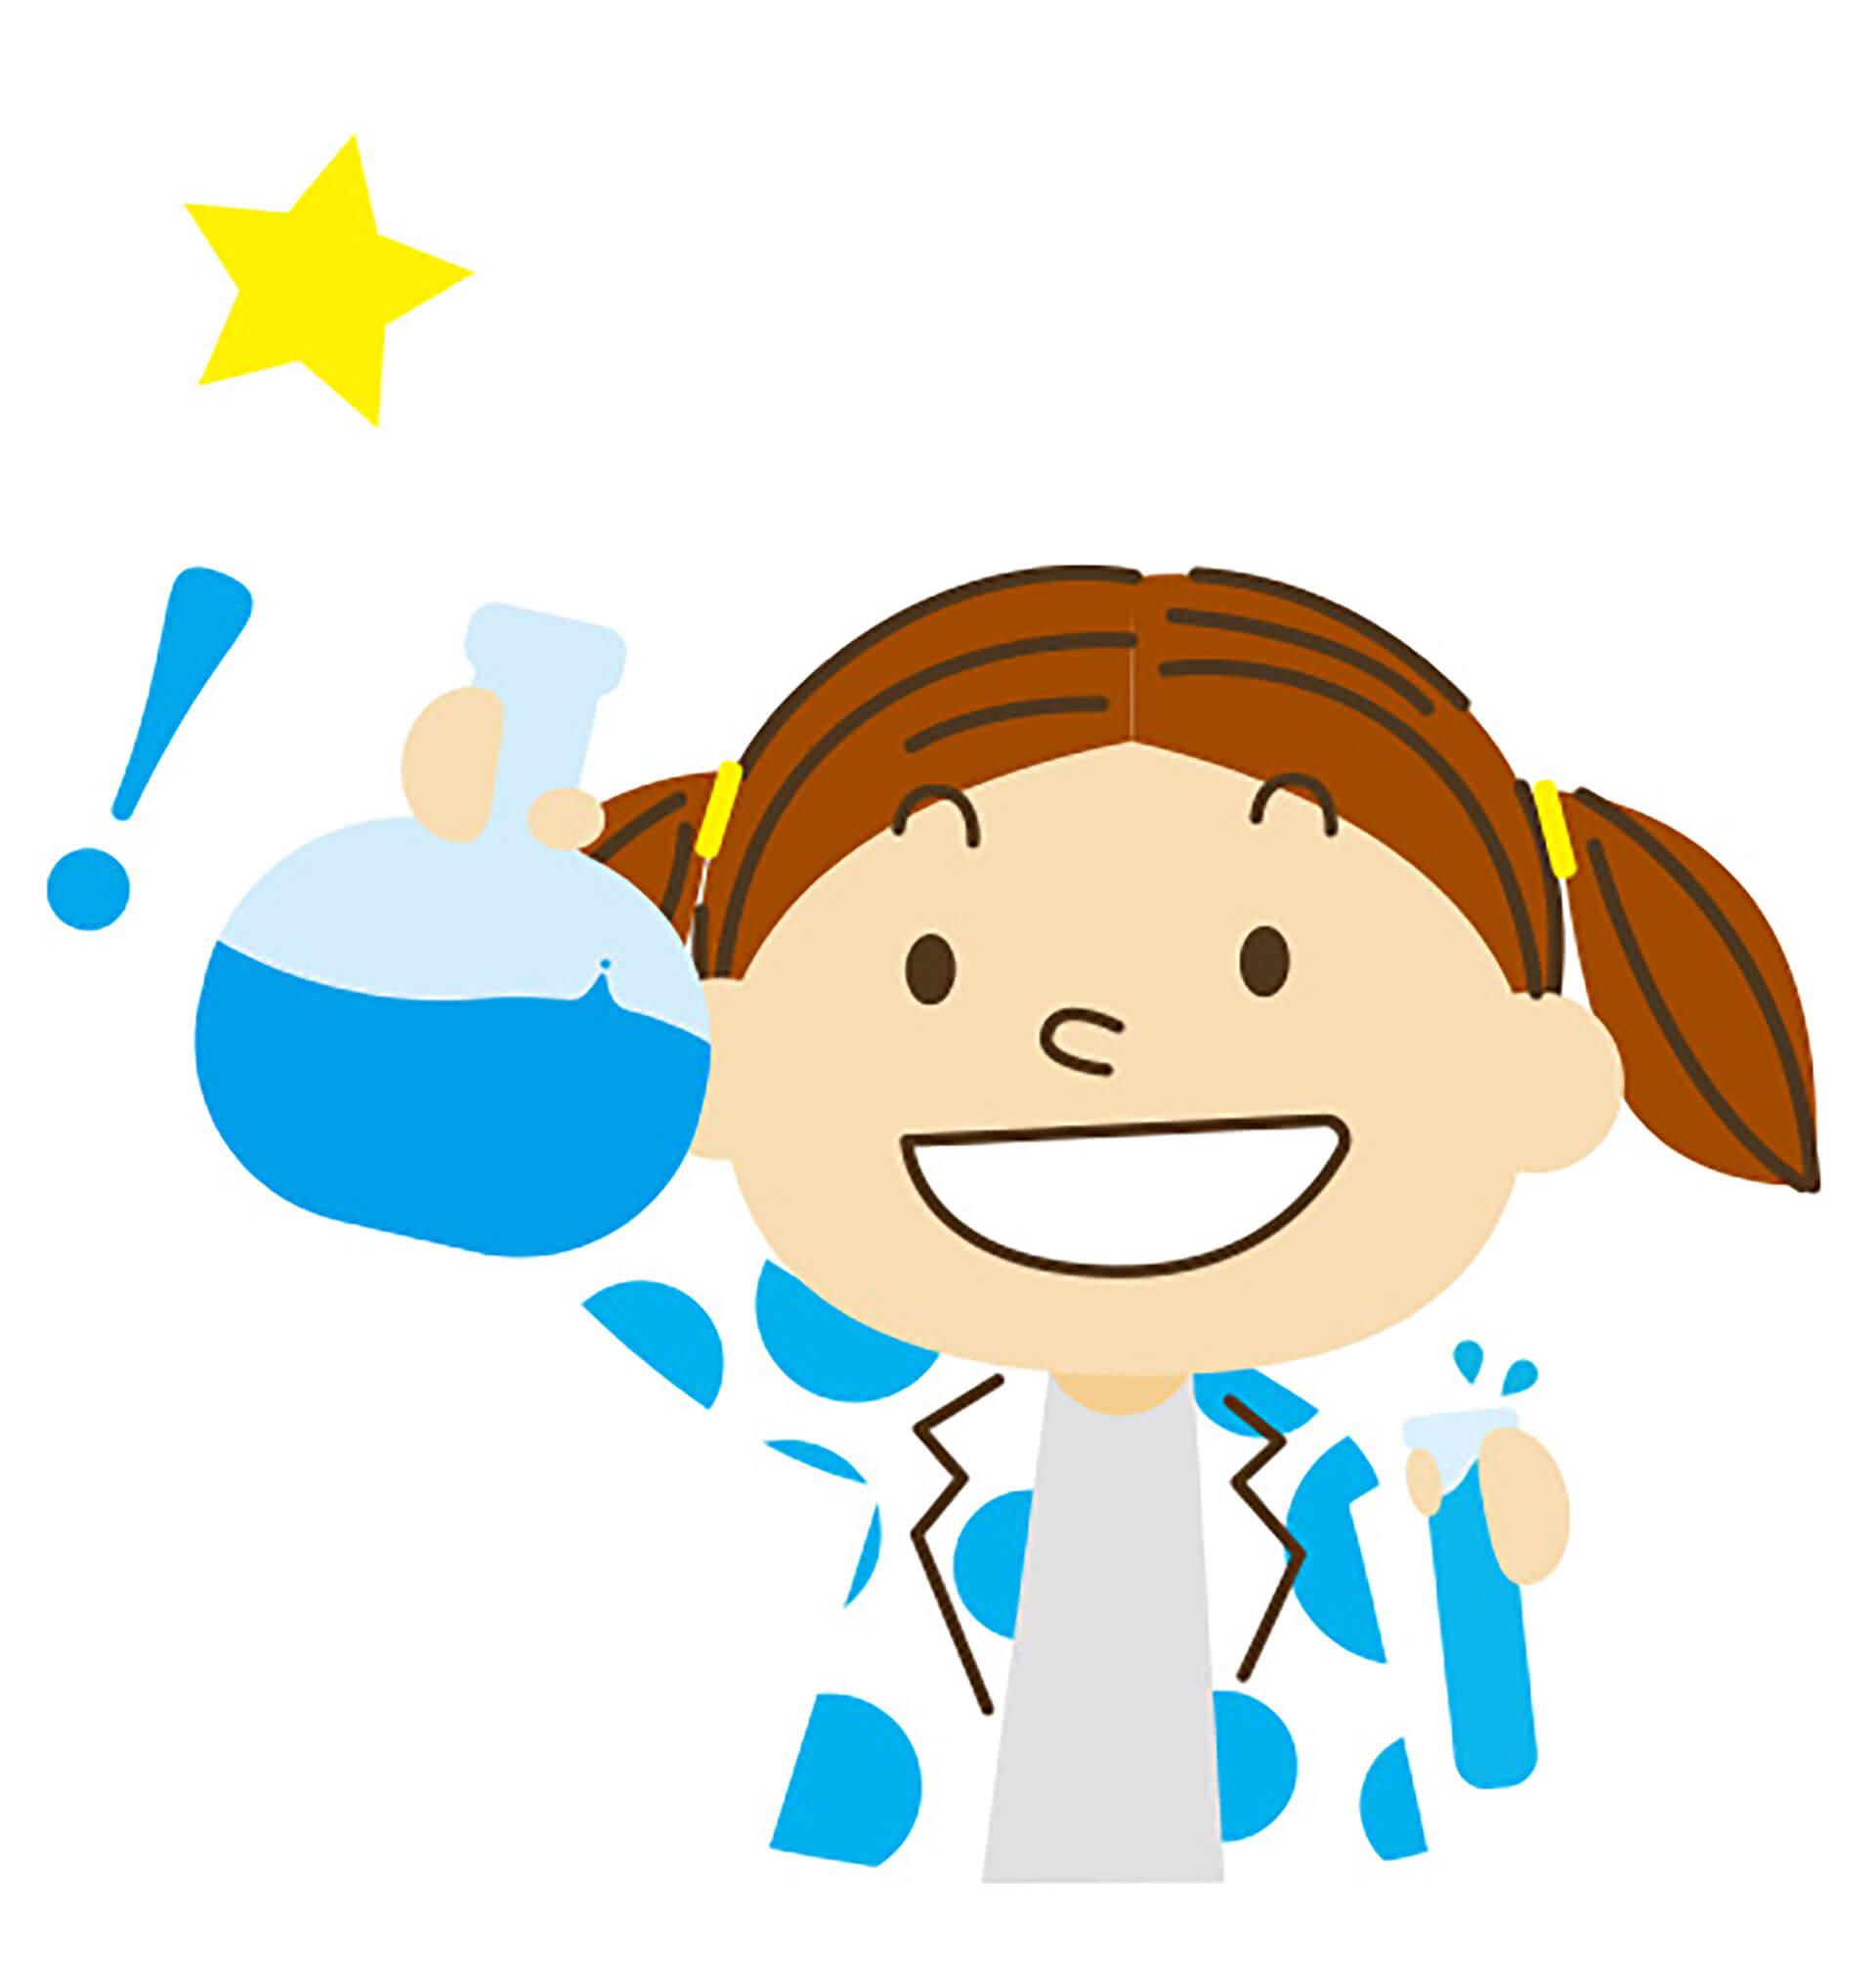 この写真はふしぎなふしぎな水の世界の研究している少女のイラスト